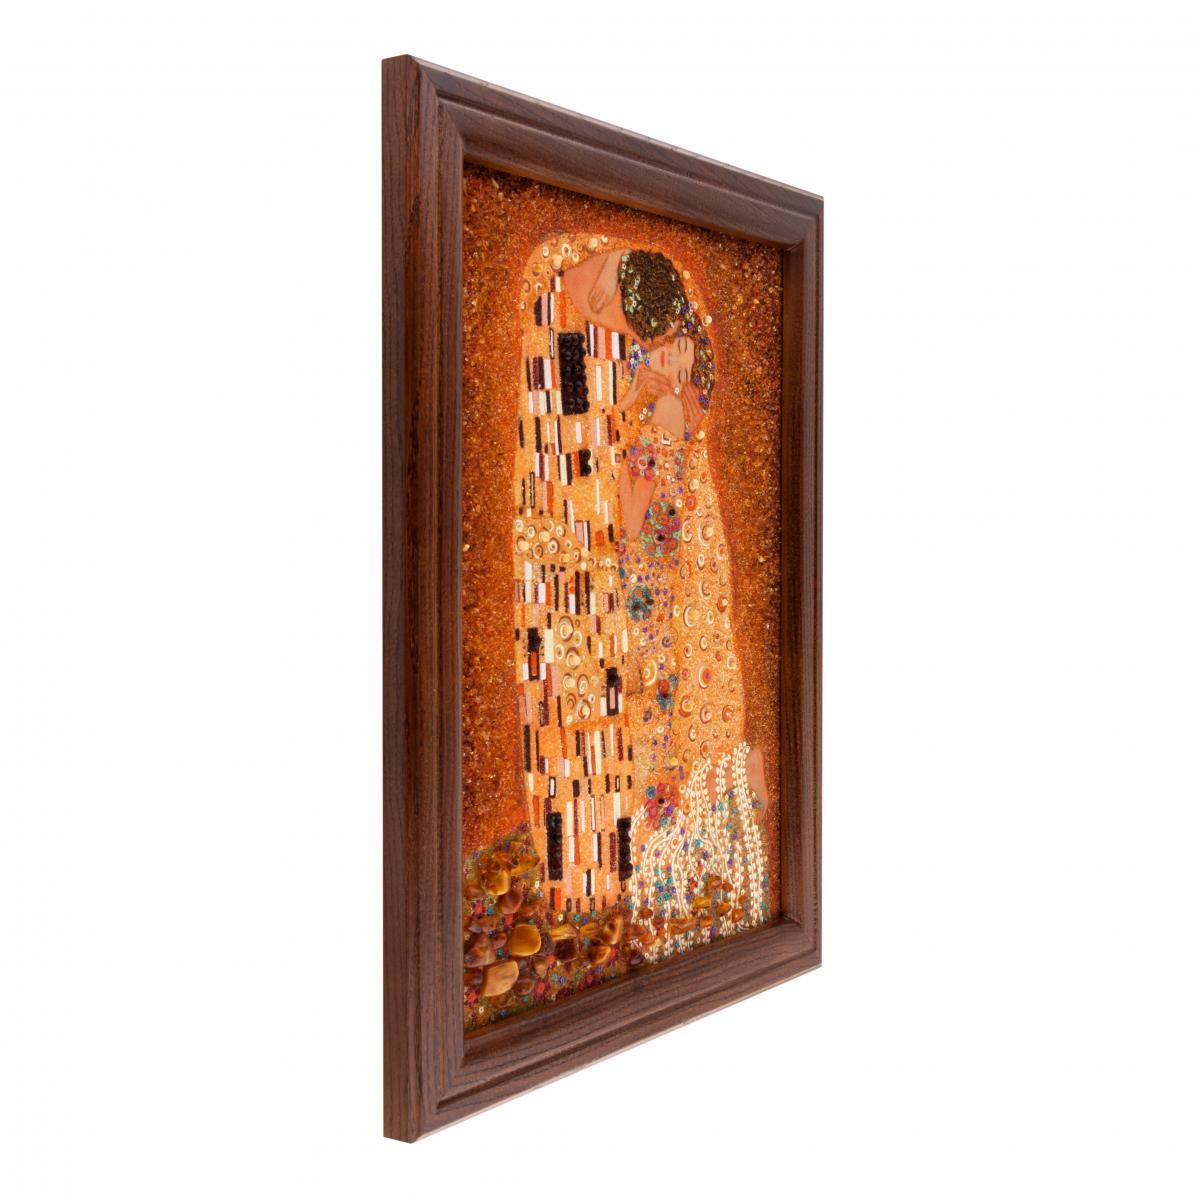 Картина из янтаря Любви. Фото №2. | Народный дом Украина